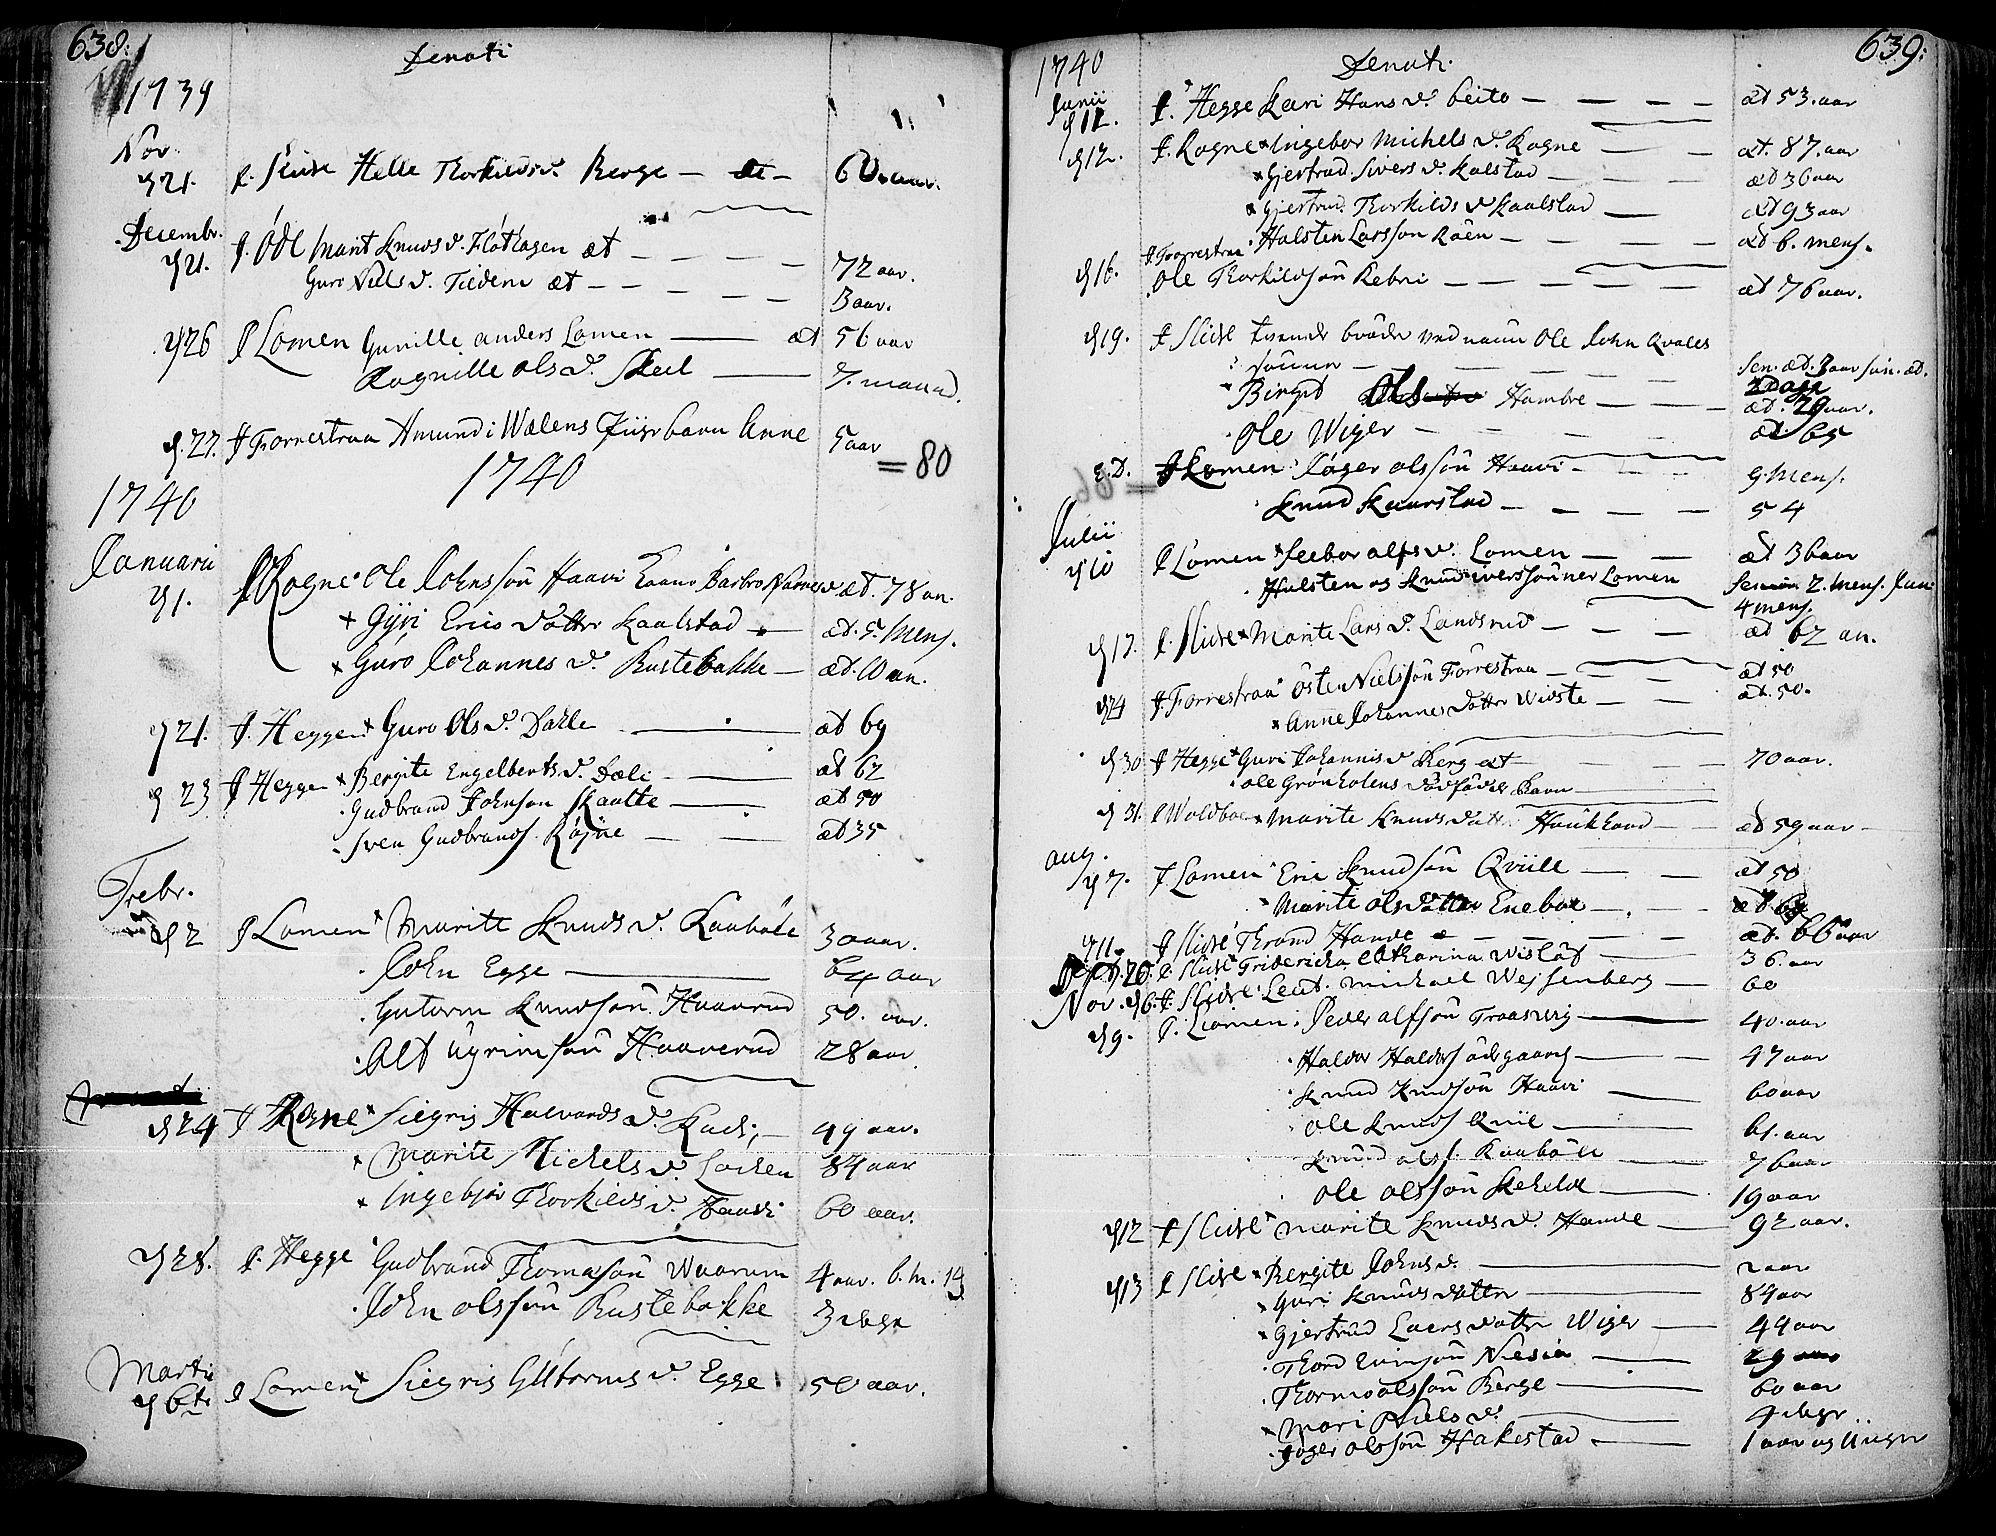 SAH, Slidre prestekontor, Ministerialbok nr. 1, 1724-1814, s. 638-639